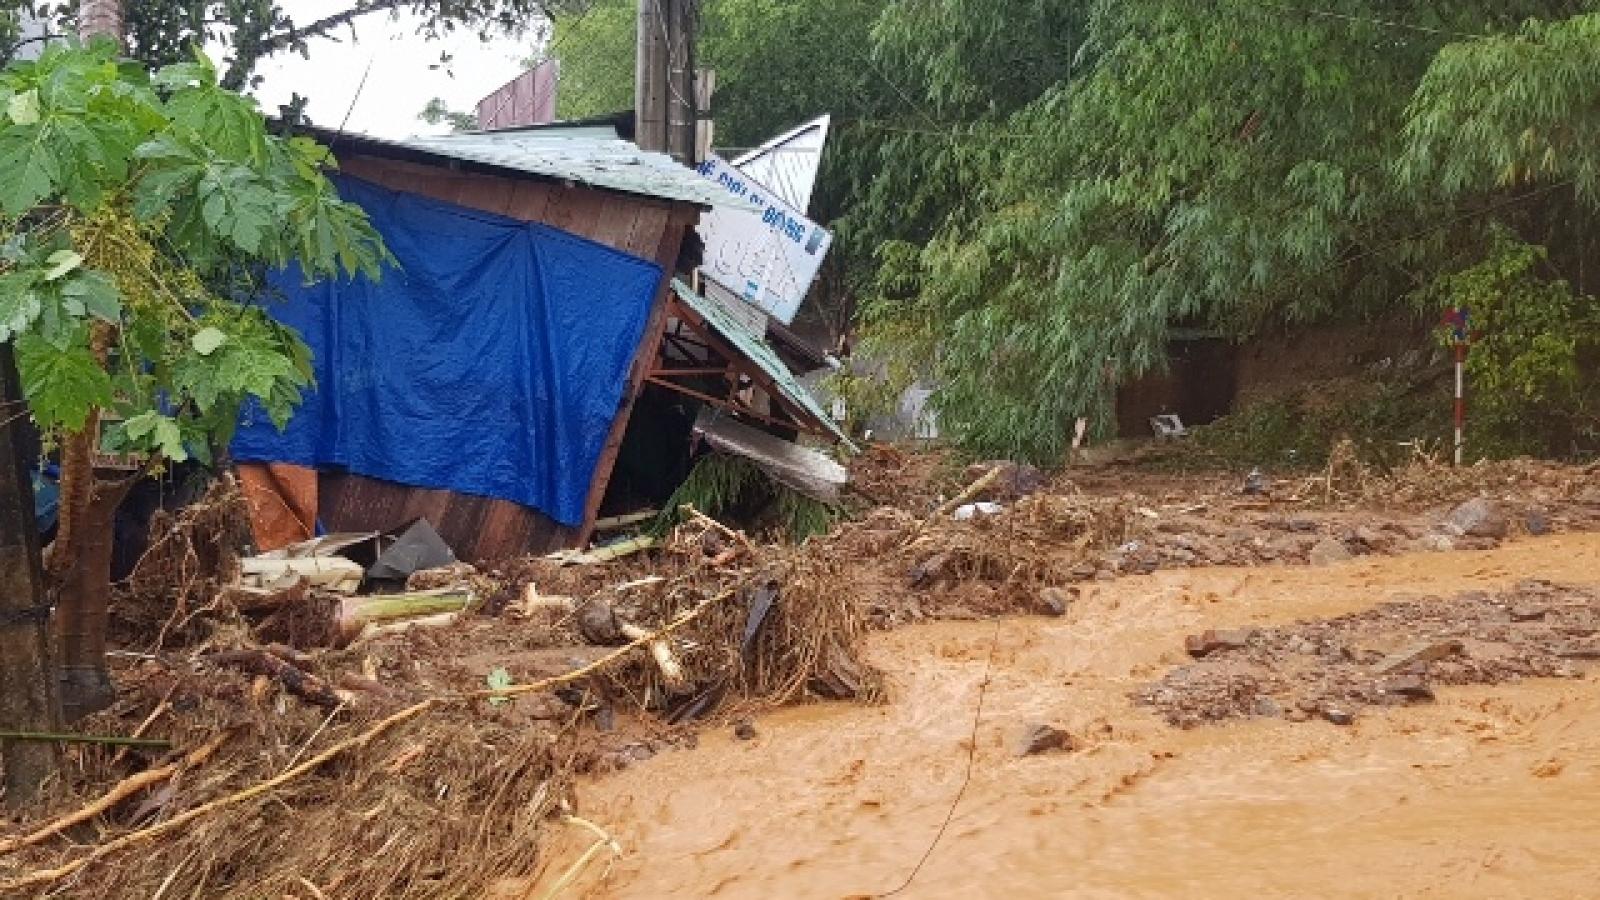 Lở đất vùi lấp nhiều người ở Quảng Nam: Thủ tướng ra công điện cứu hộ